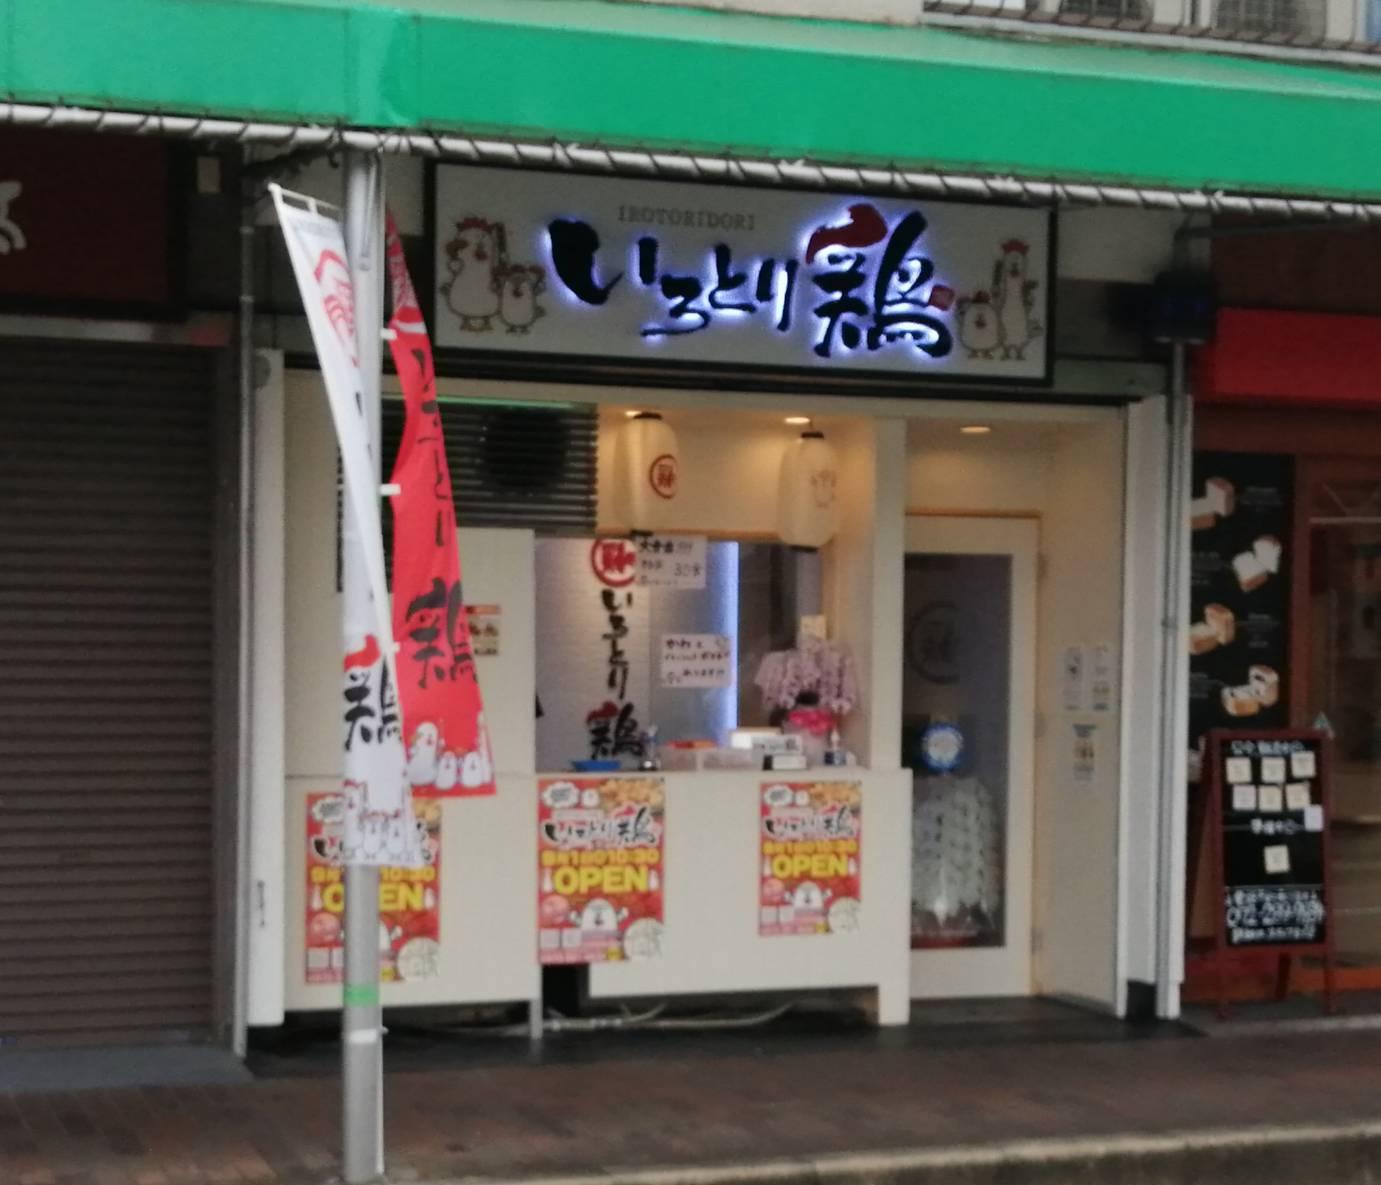 【祝オープン】堺市東区・今か今かと待ちわびていた唐揚げとお弁当のお店が遂にオープン!『いろとり鶏』がオープンしました♪: